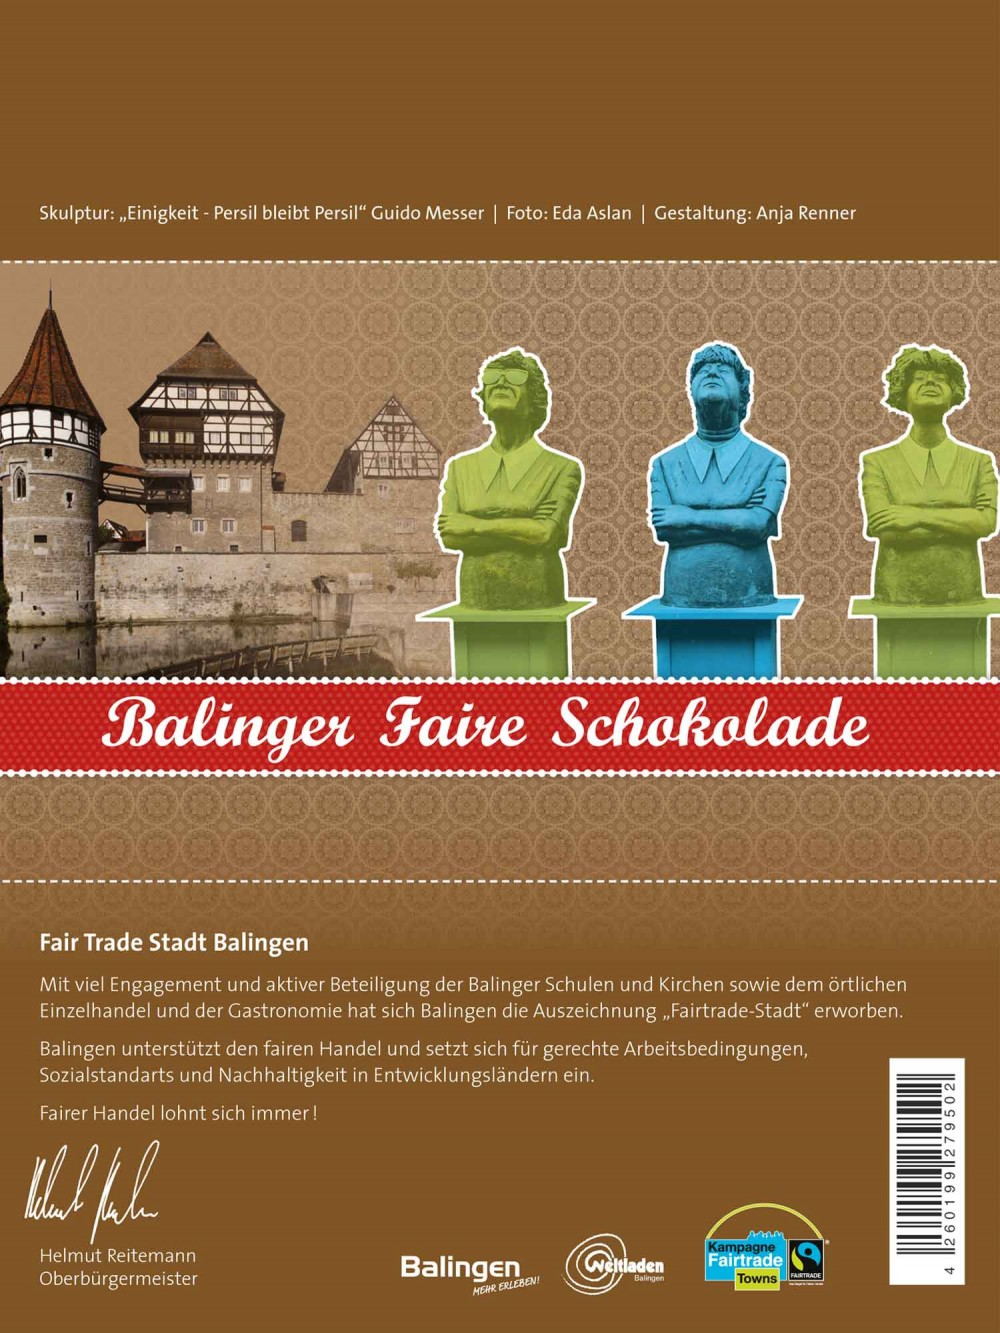 Balinger Fair Trade Schokolade